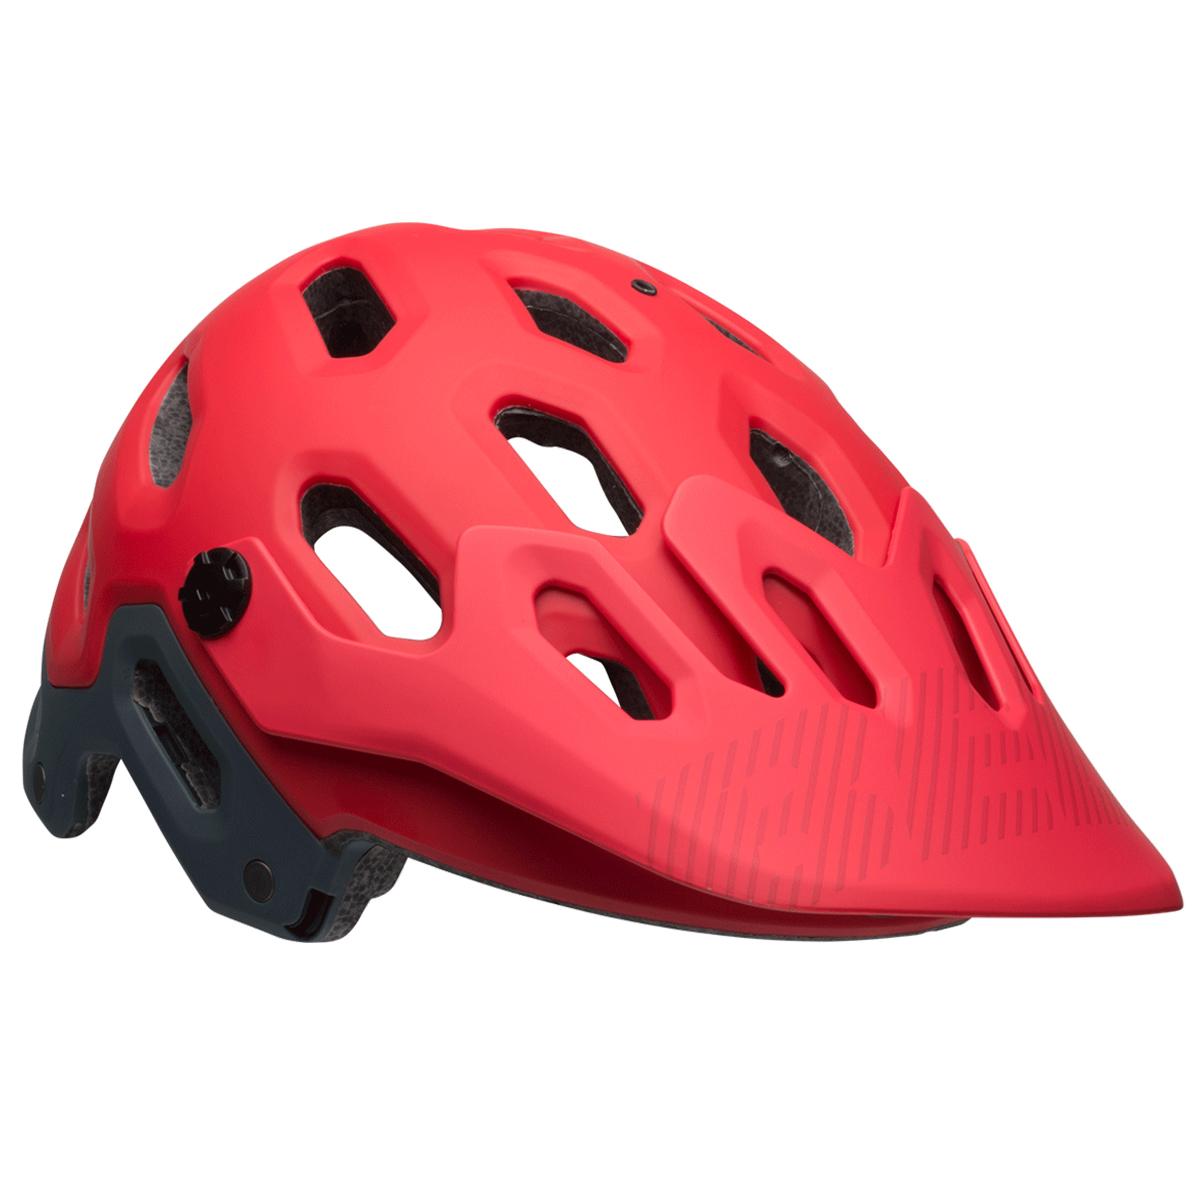 Bell Super 3 MTB Helmet - 2018